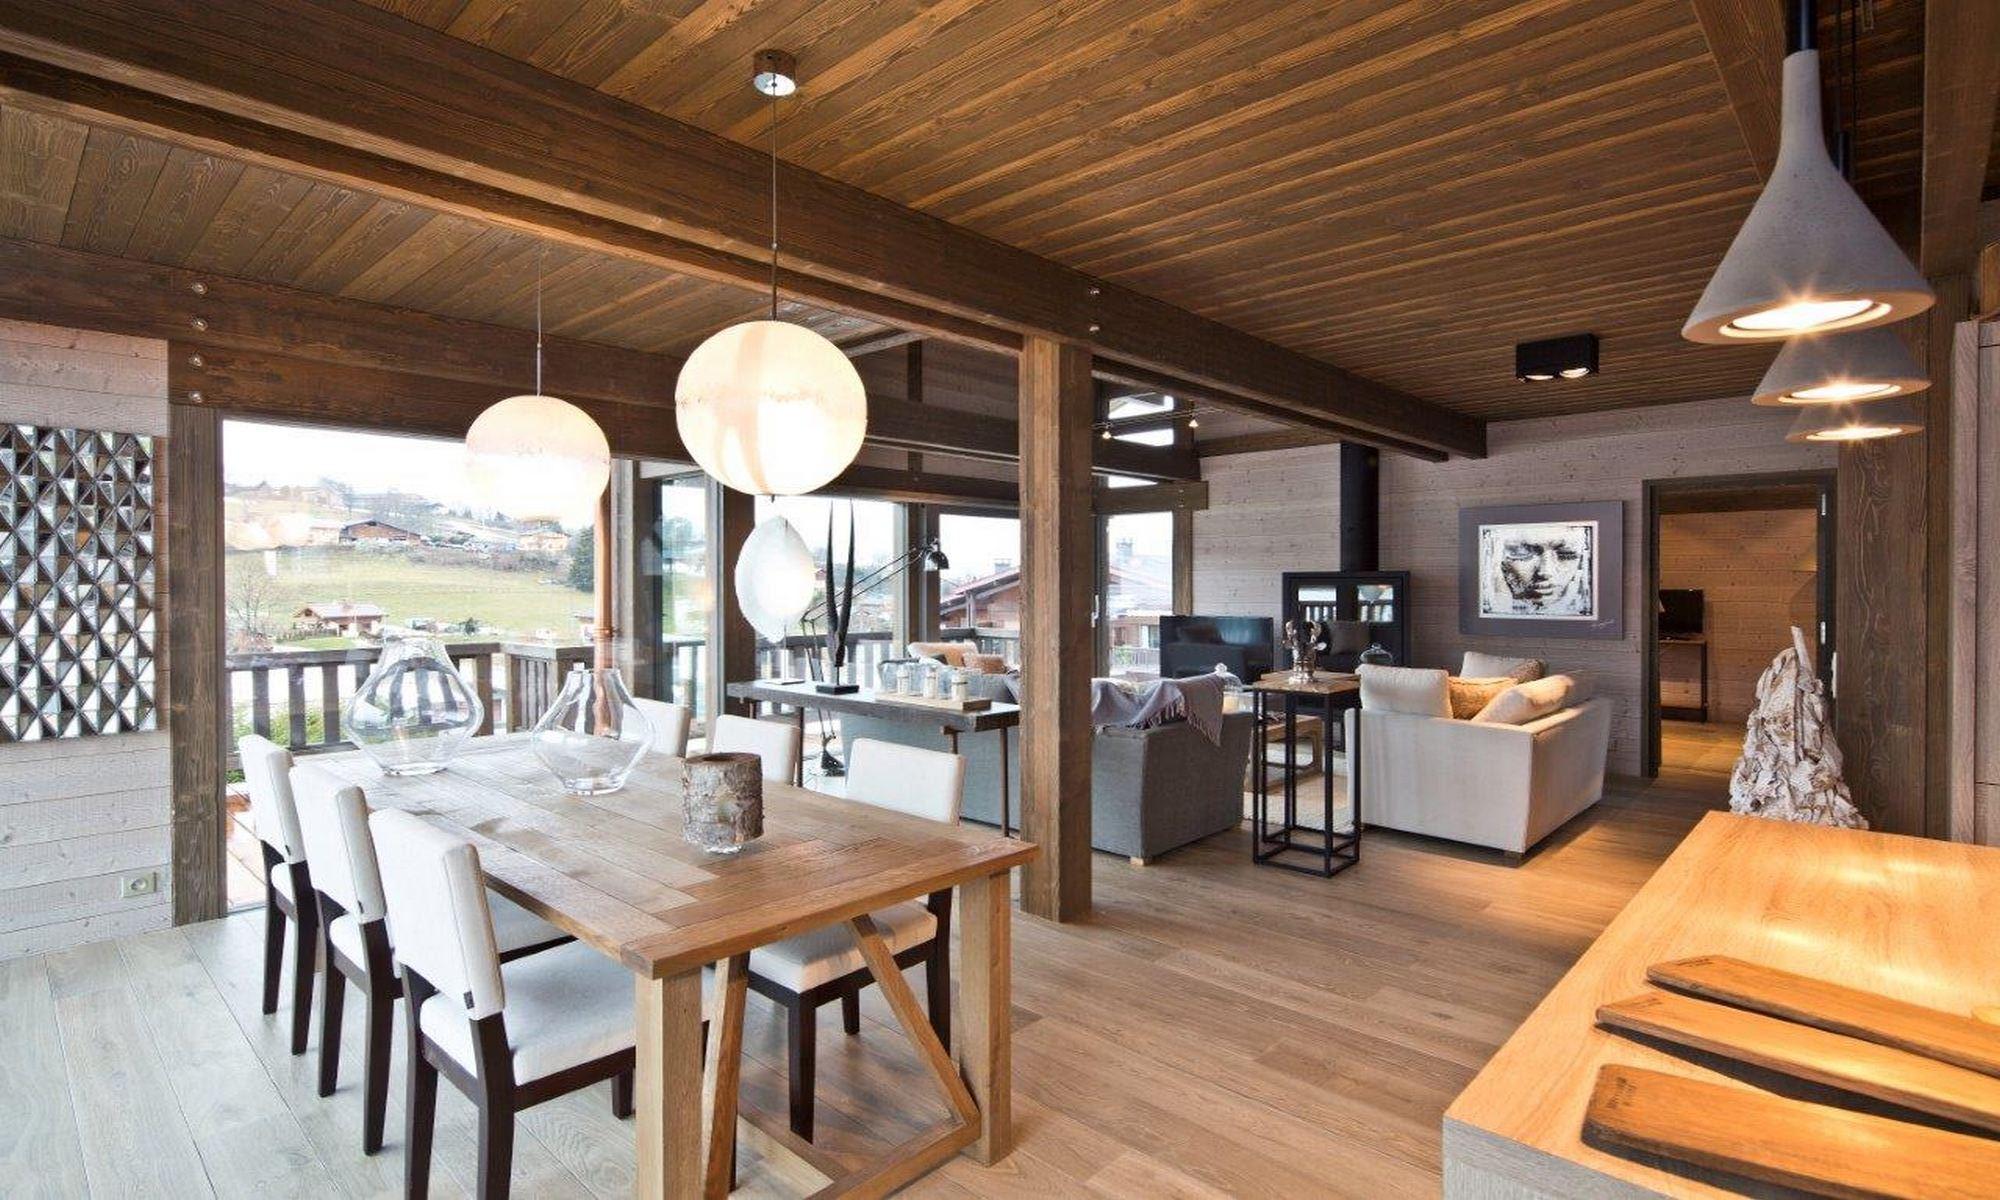 Property For Sale at Megève Demi Quartier Chalet Ebene